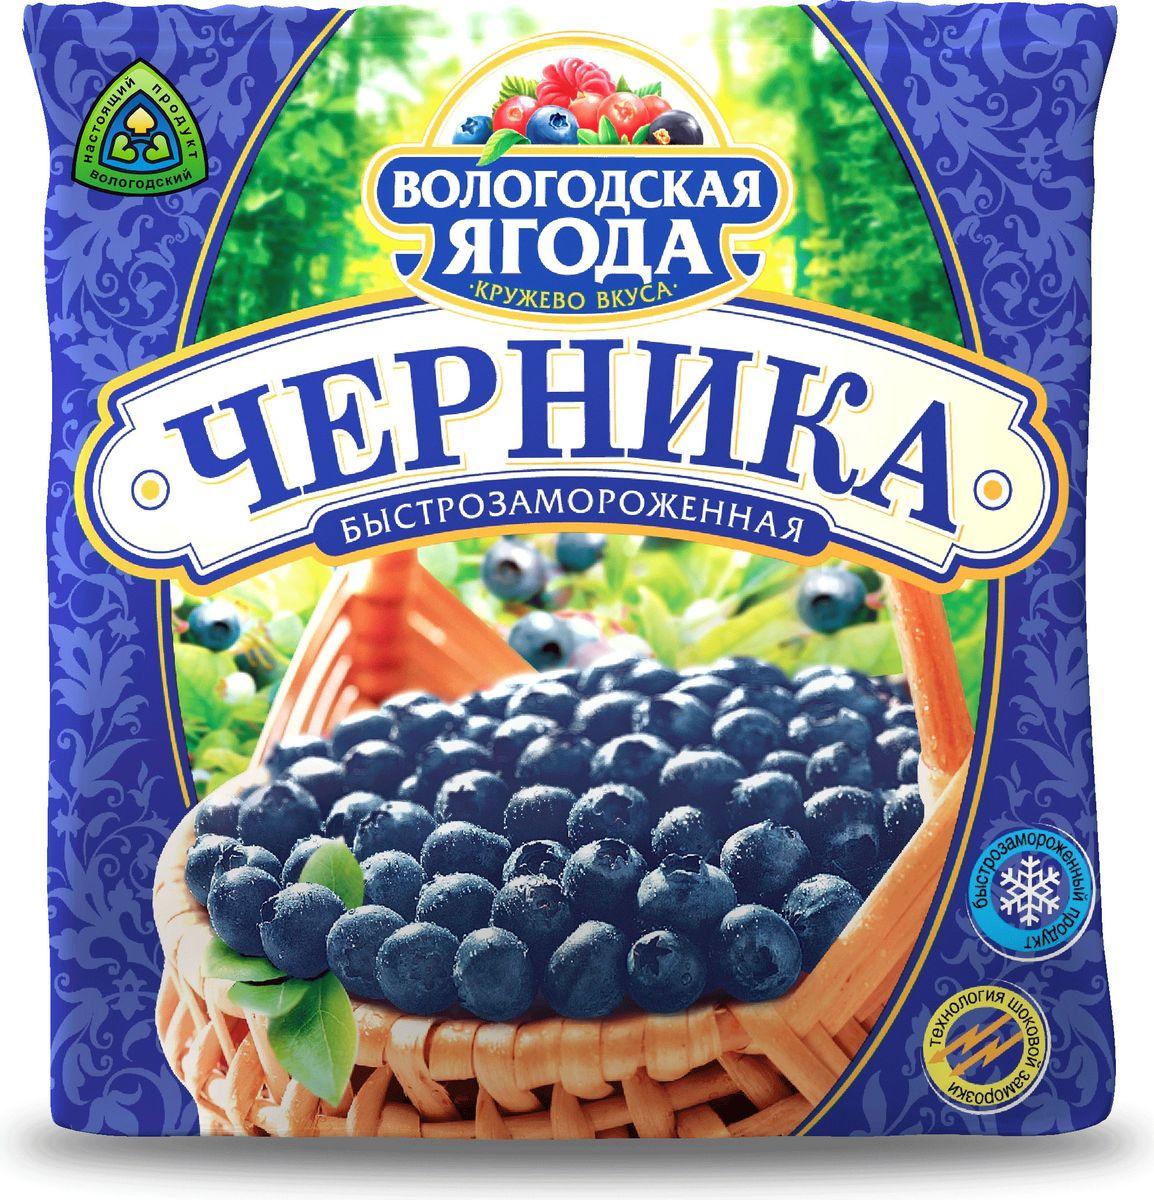 Кружево Вкуса Черника быстрозамороженная, 300 г00000000128Ягоды черники - это удивительное сочетание вкусного и полезного. Они содержат многие элементы: углеводы, калий, магний и фосфор, органические кислоты, минеральные вещества и всевозможные витамины: А, С, В1, B6, витамин РР. Но главный плюс этой ягоды – это антиоксиданты. Они на клеточном уровне влияют на недоброкачественные опухоли, то есть представляют собой хорошую профилактику.